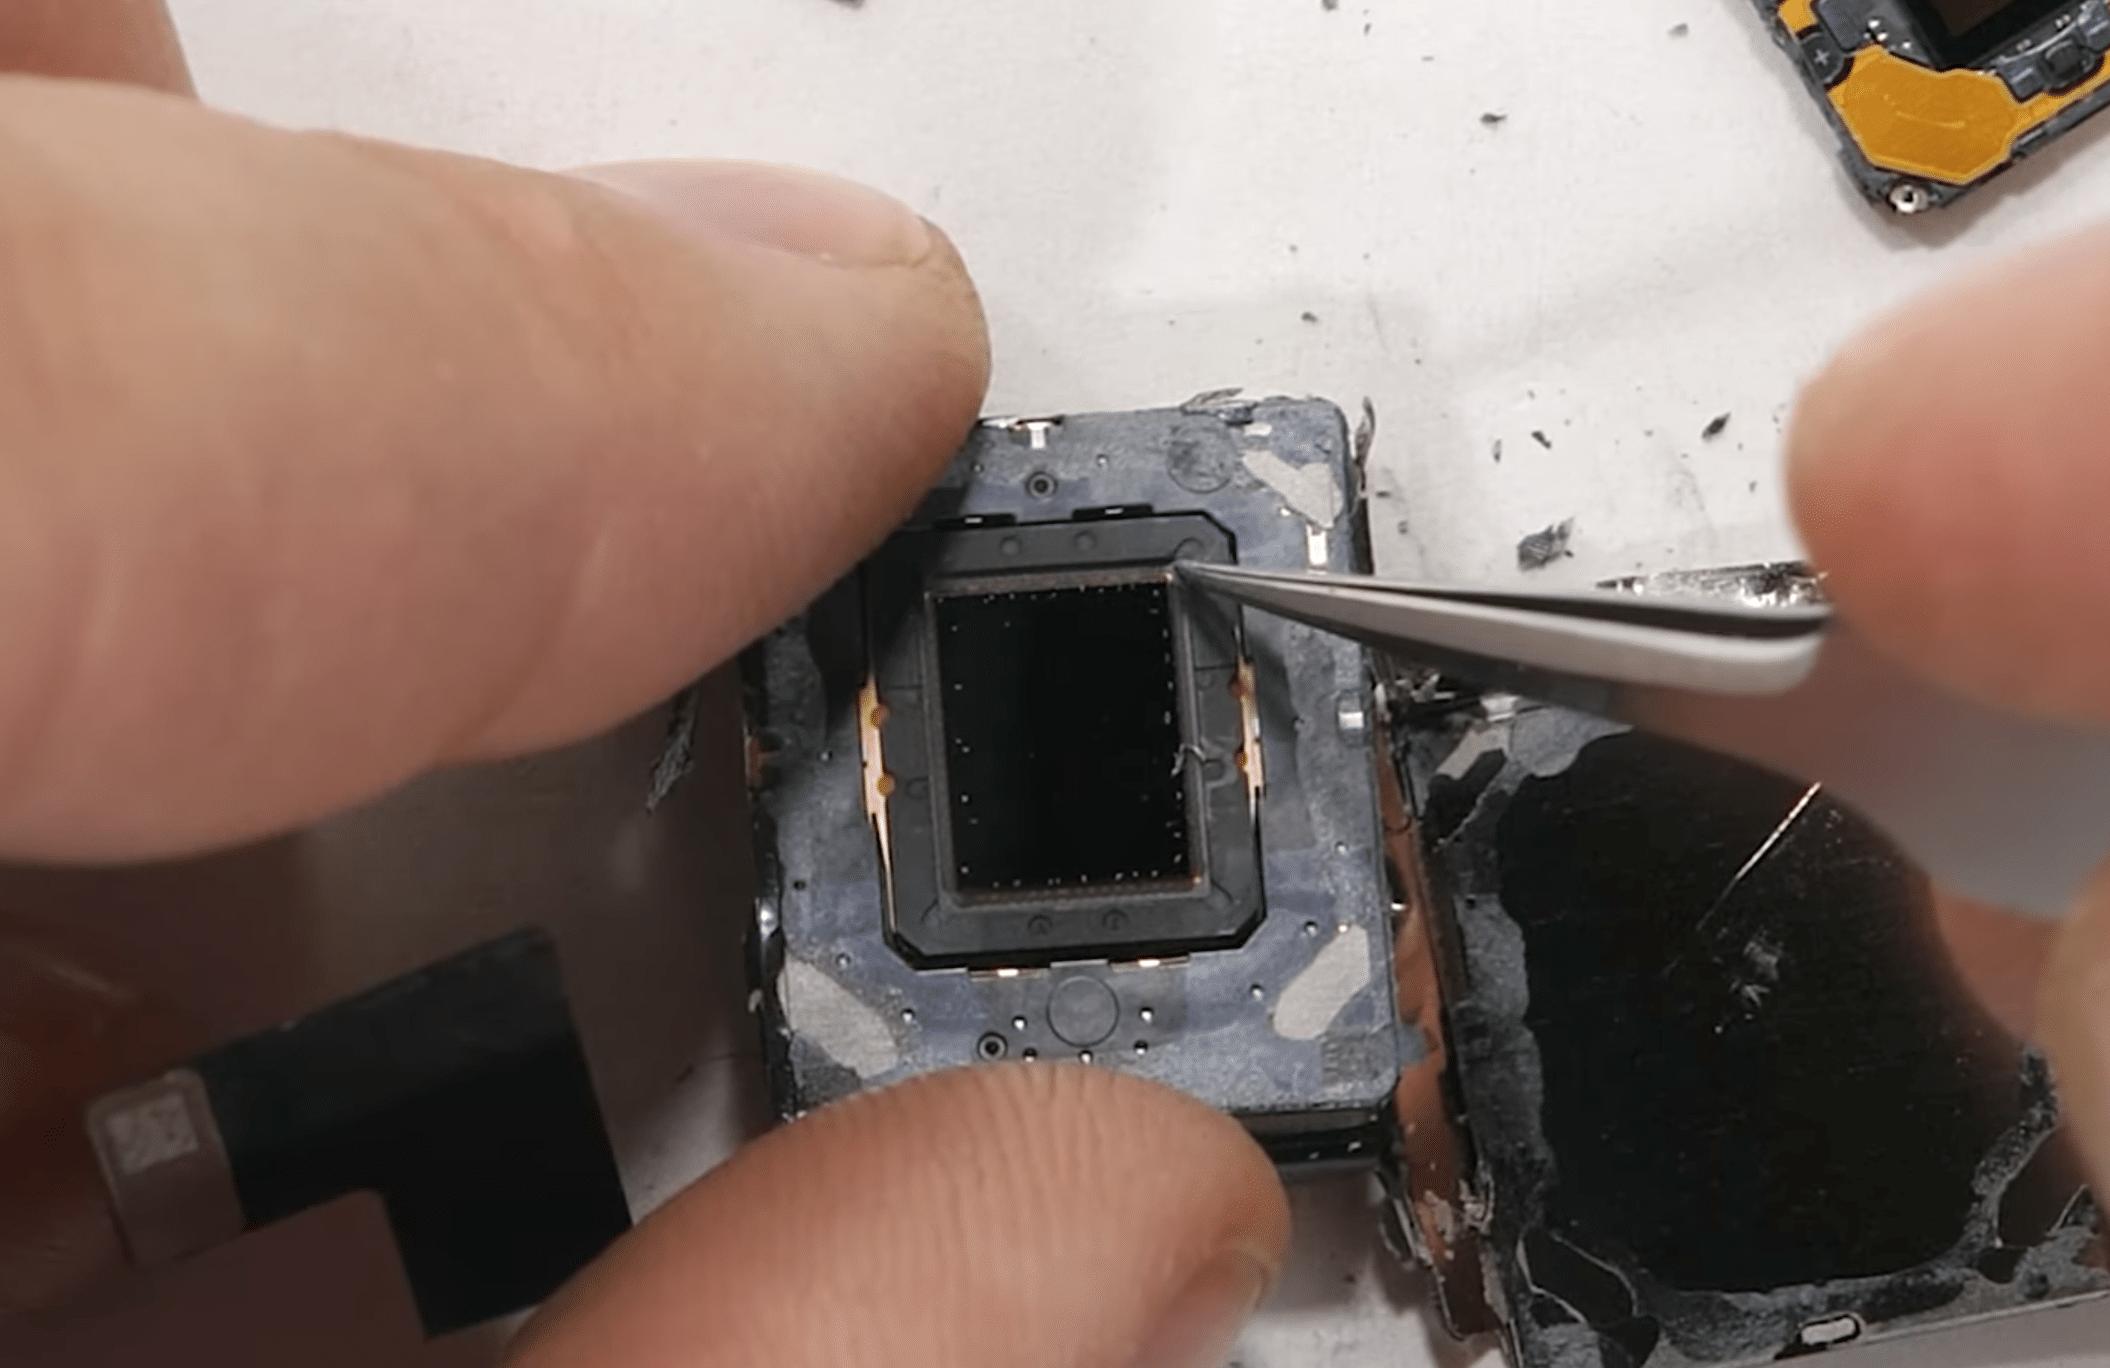 Desmonte e sensor-shift do iPhone 12 Pro Max